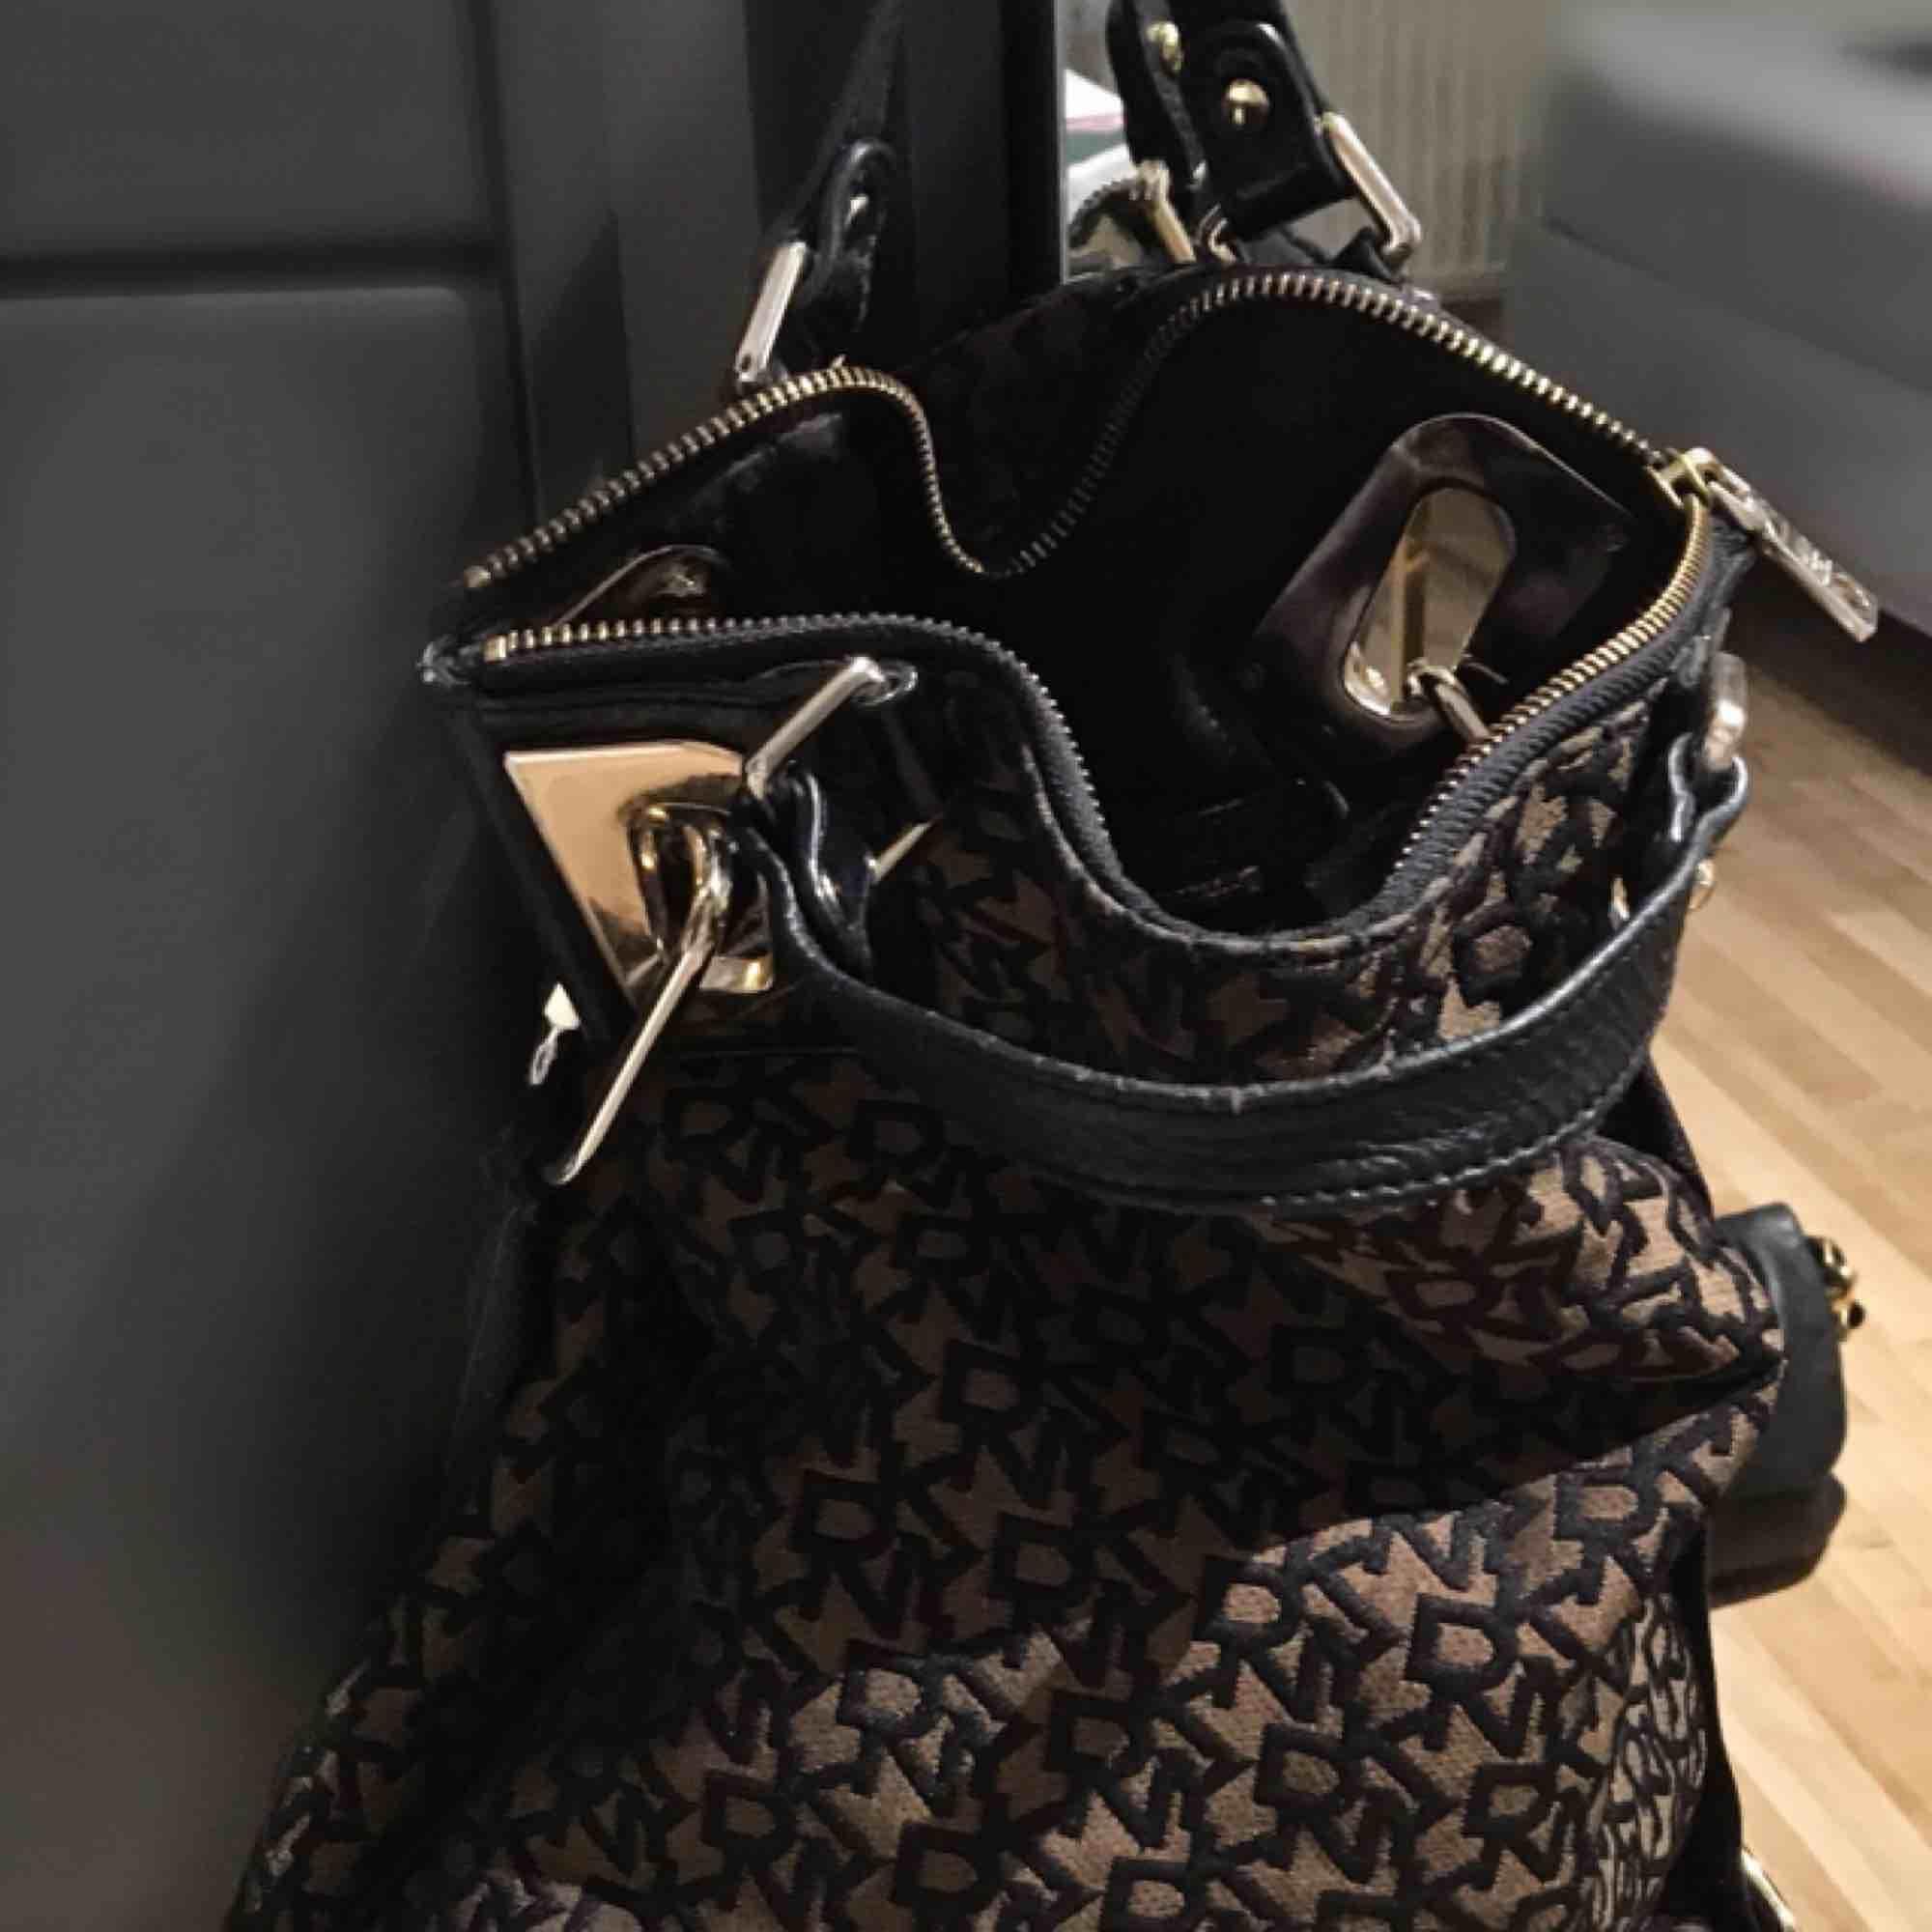 Fin DKNY väska Fint begagnat skick Dustbag finns Pris 500kr Hämtas i Bromma eller skickas. Köparen står då för frakt. Väskor.